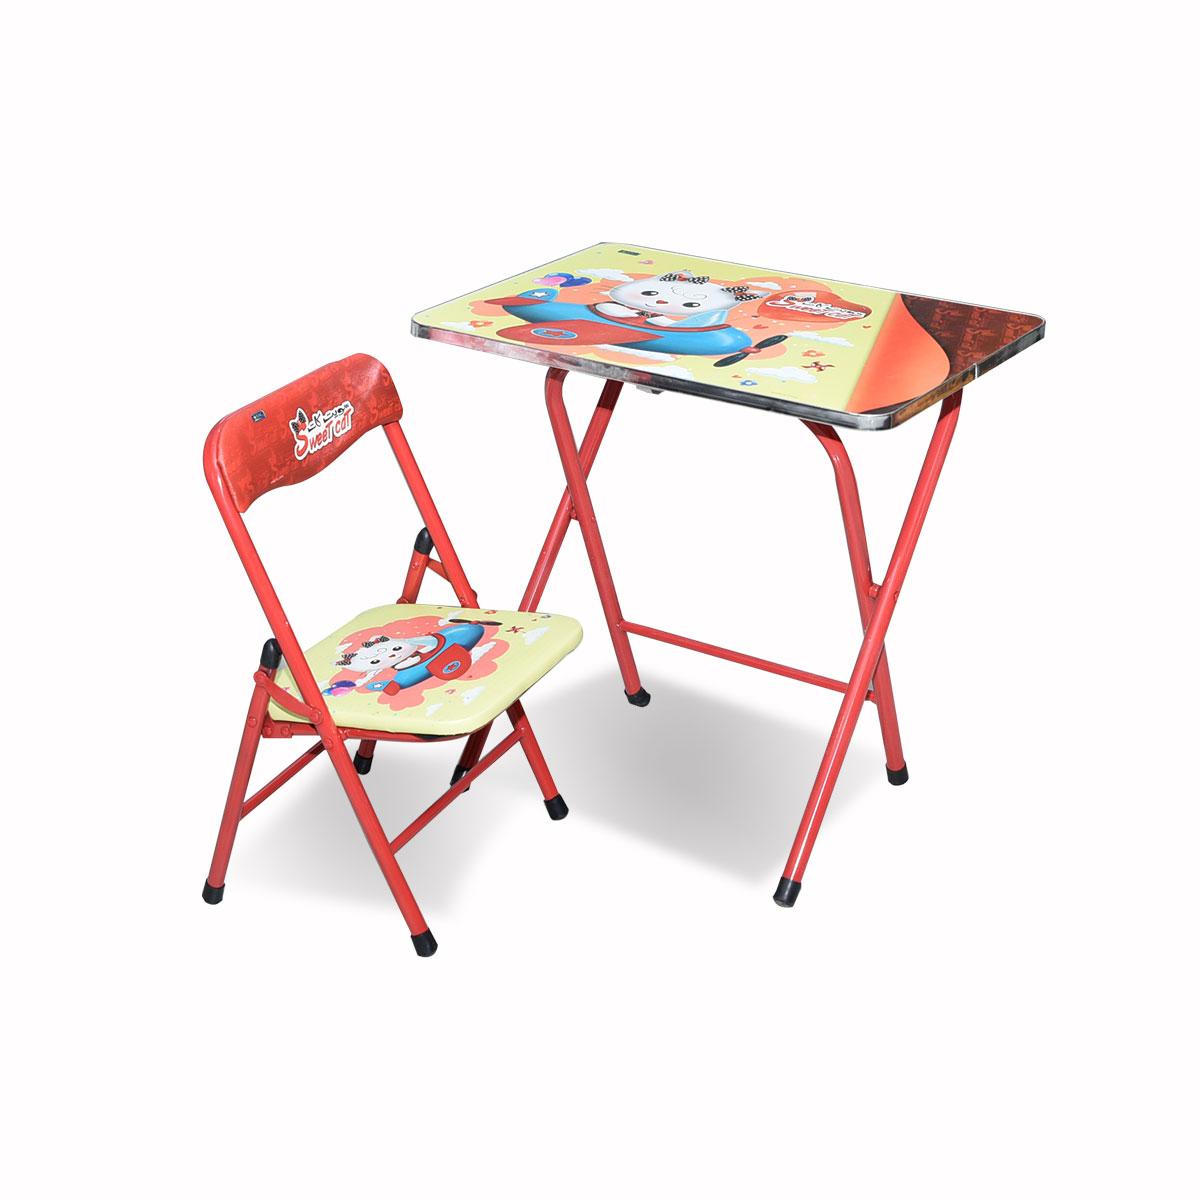 طاولة اطفال مدرسية  خشب بقواعد من الحديد + كرسي